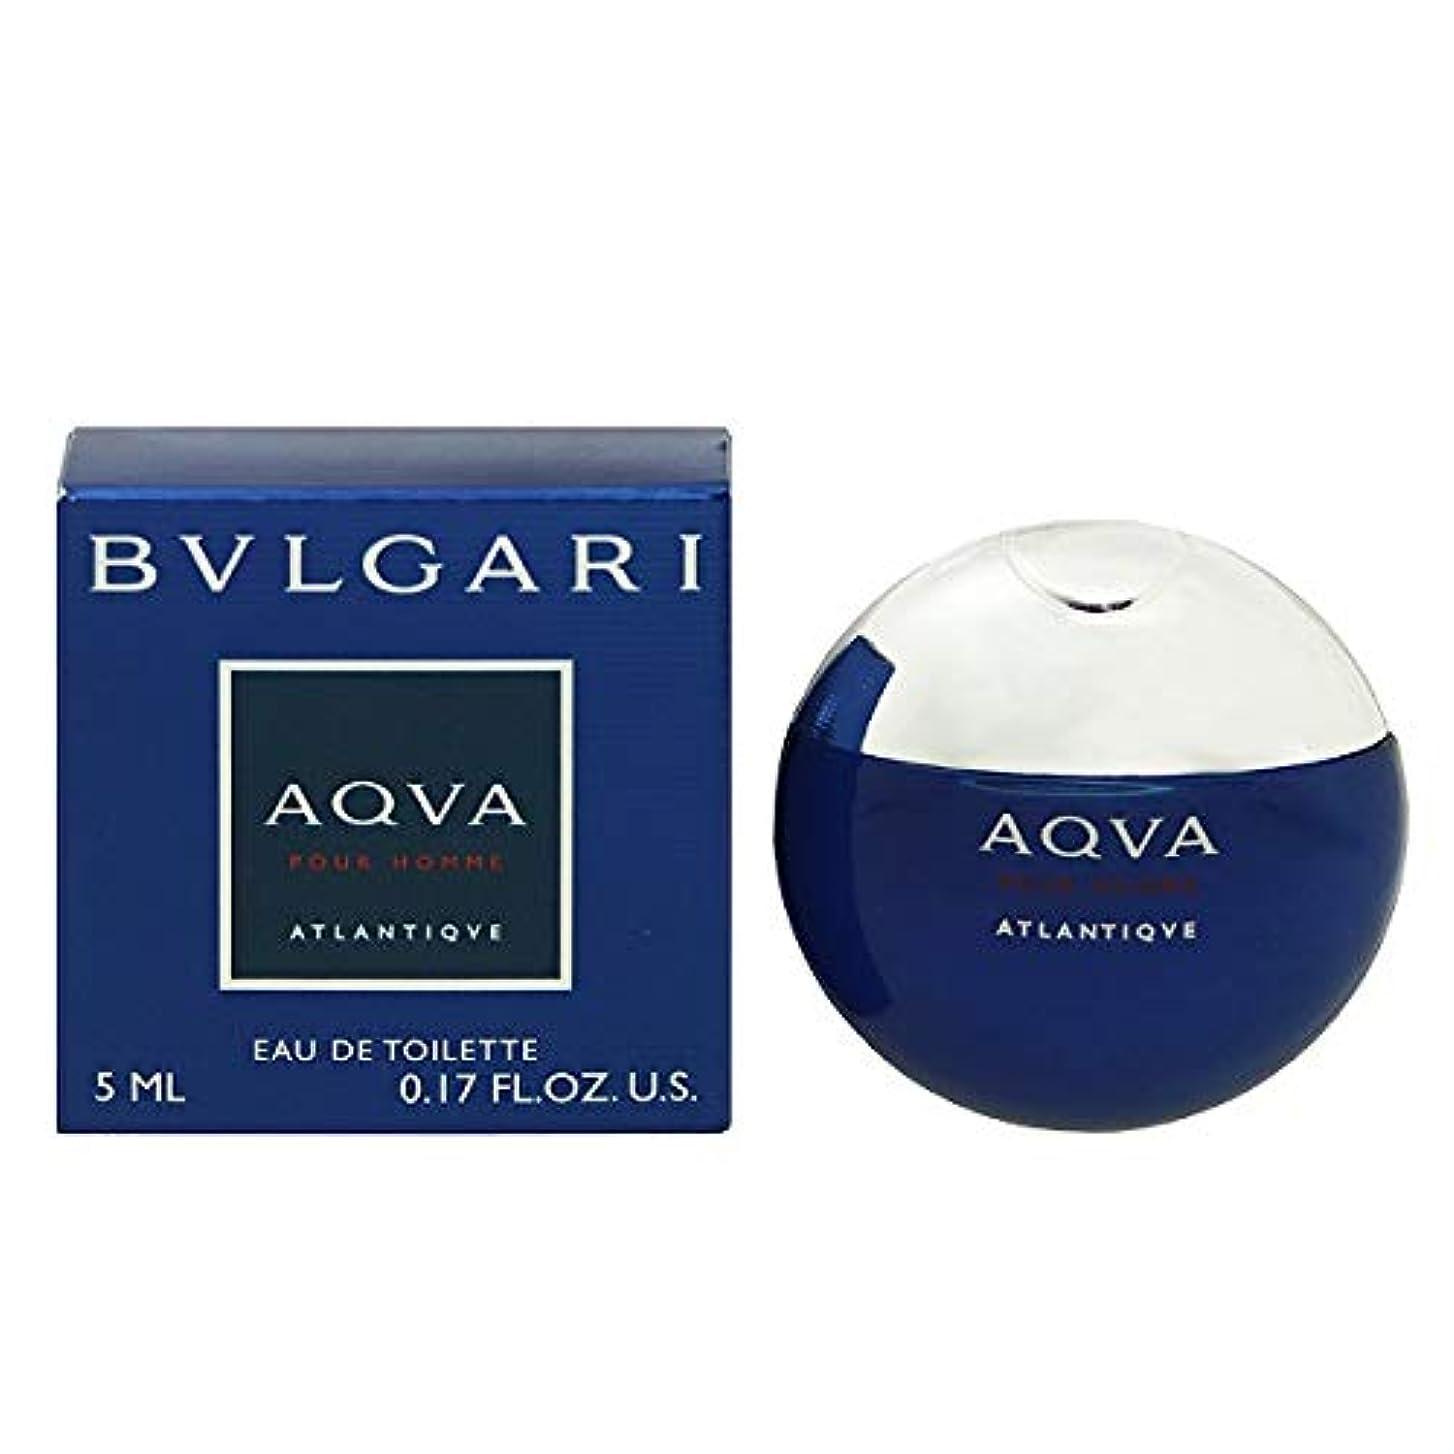 開示する集まる受け入れるブルガリ アクア プールオム アトランティック EDT 5ml ミニ香水(並行輸入品)